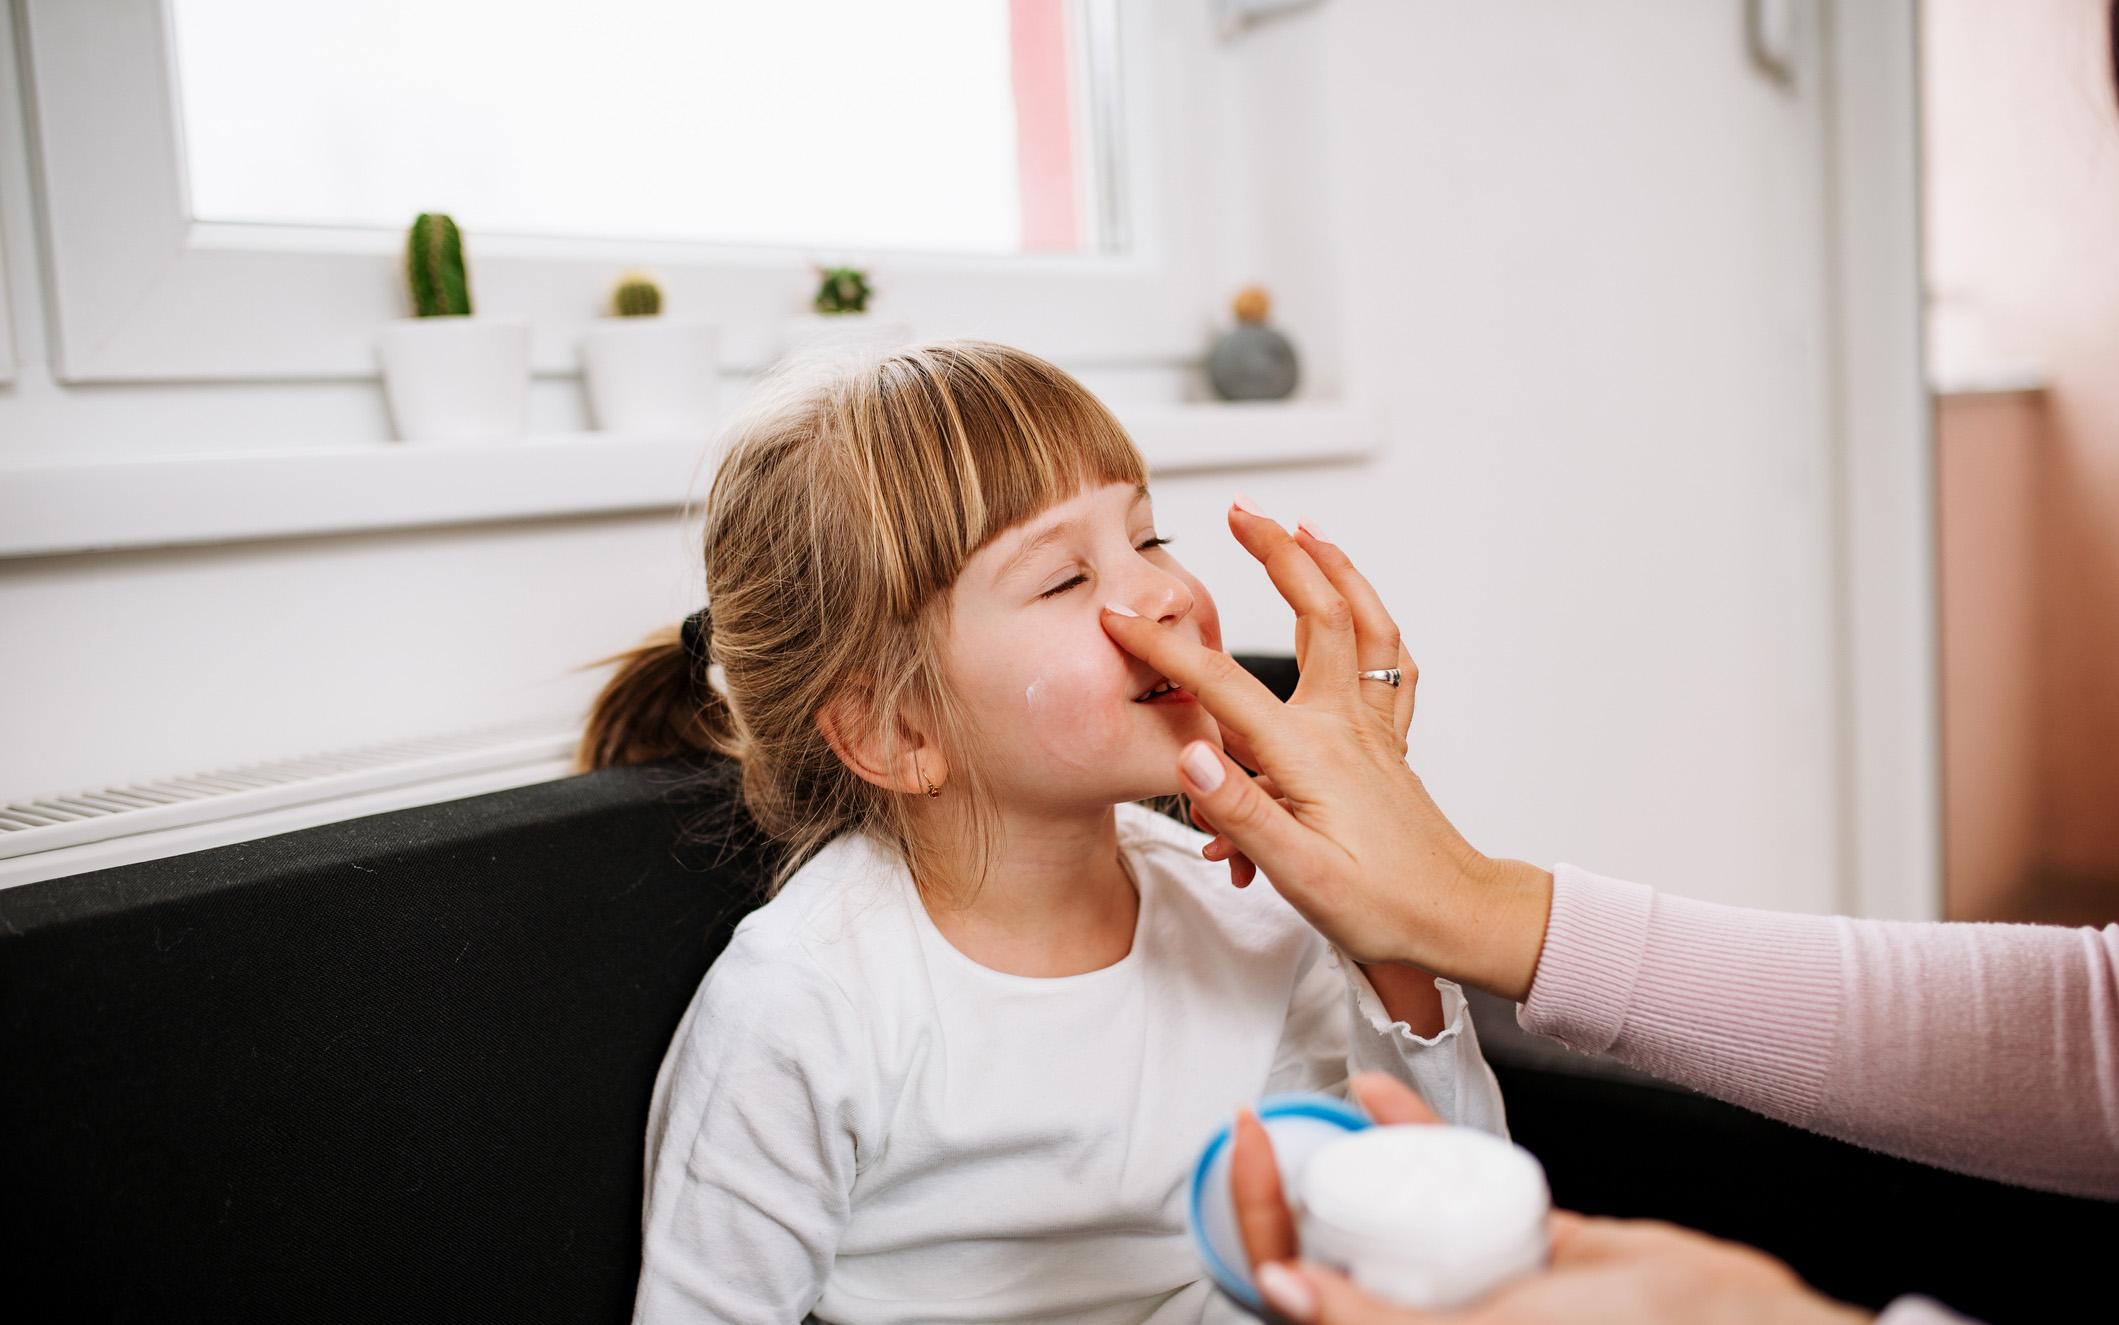 Jos lapsella on atooppinen iho, perusvoiteen käyttö on tärkeää.